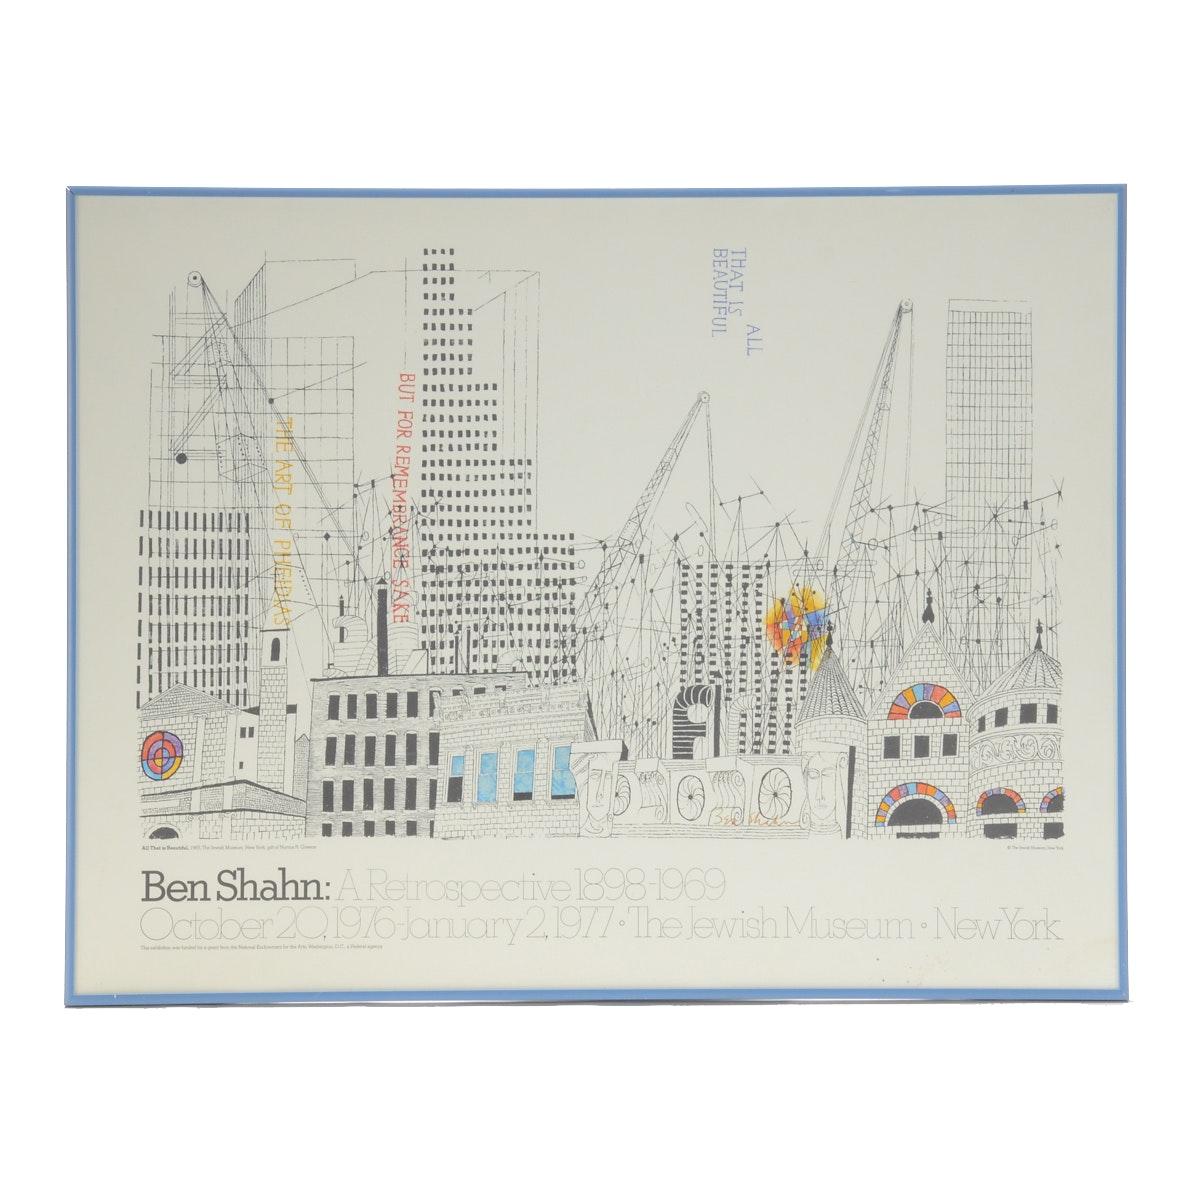 """1965 Exhibition Poster from """"Ben Shahn: A Retrospective 1889-1969"""""""